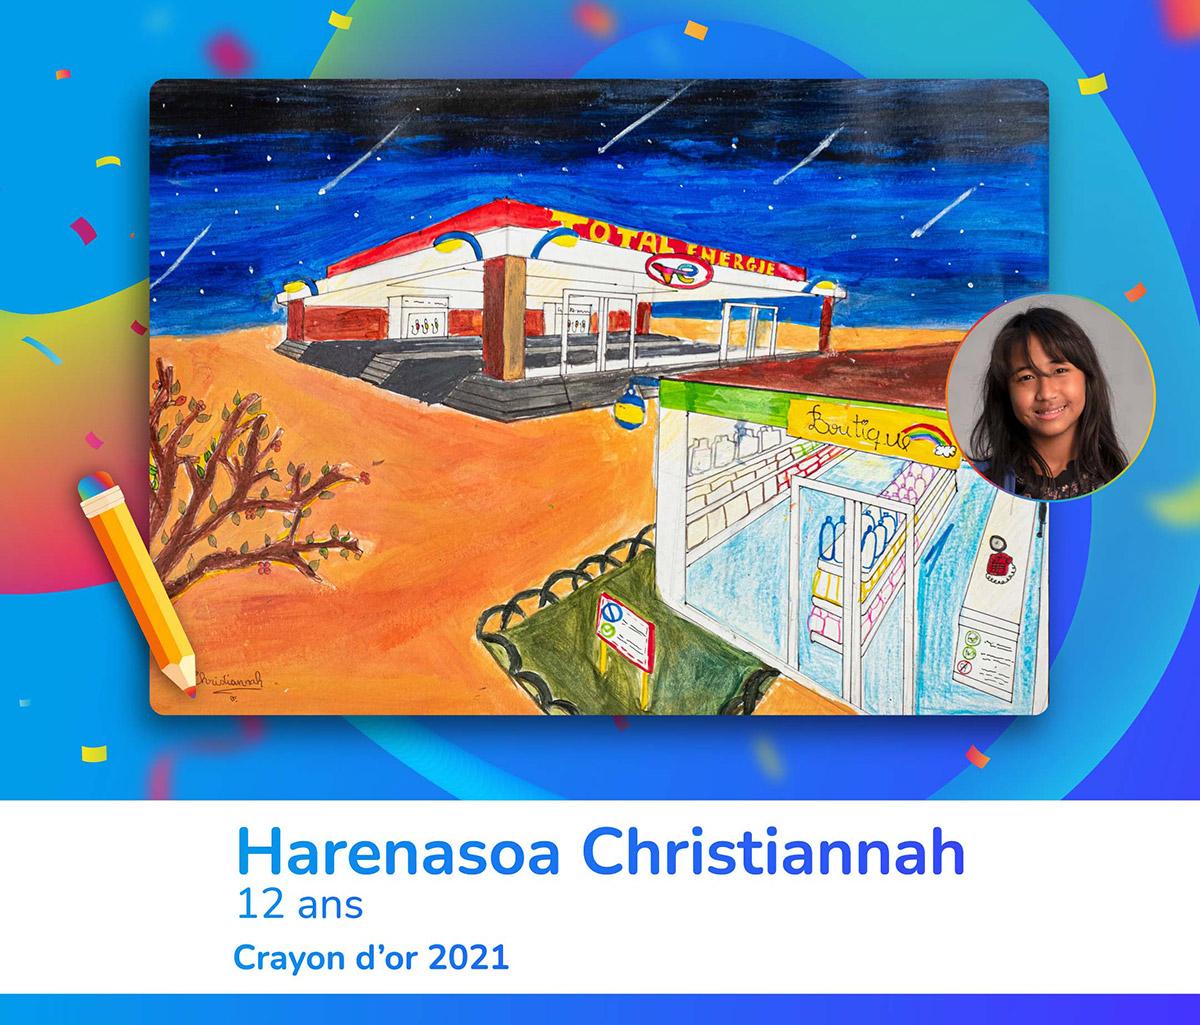 Harenasoa